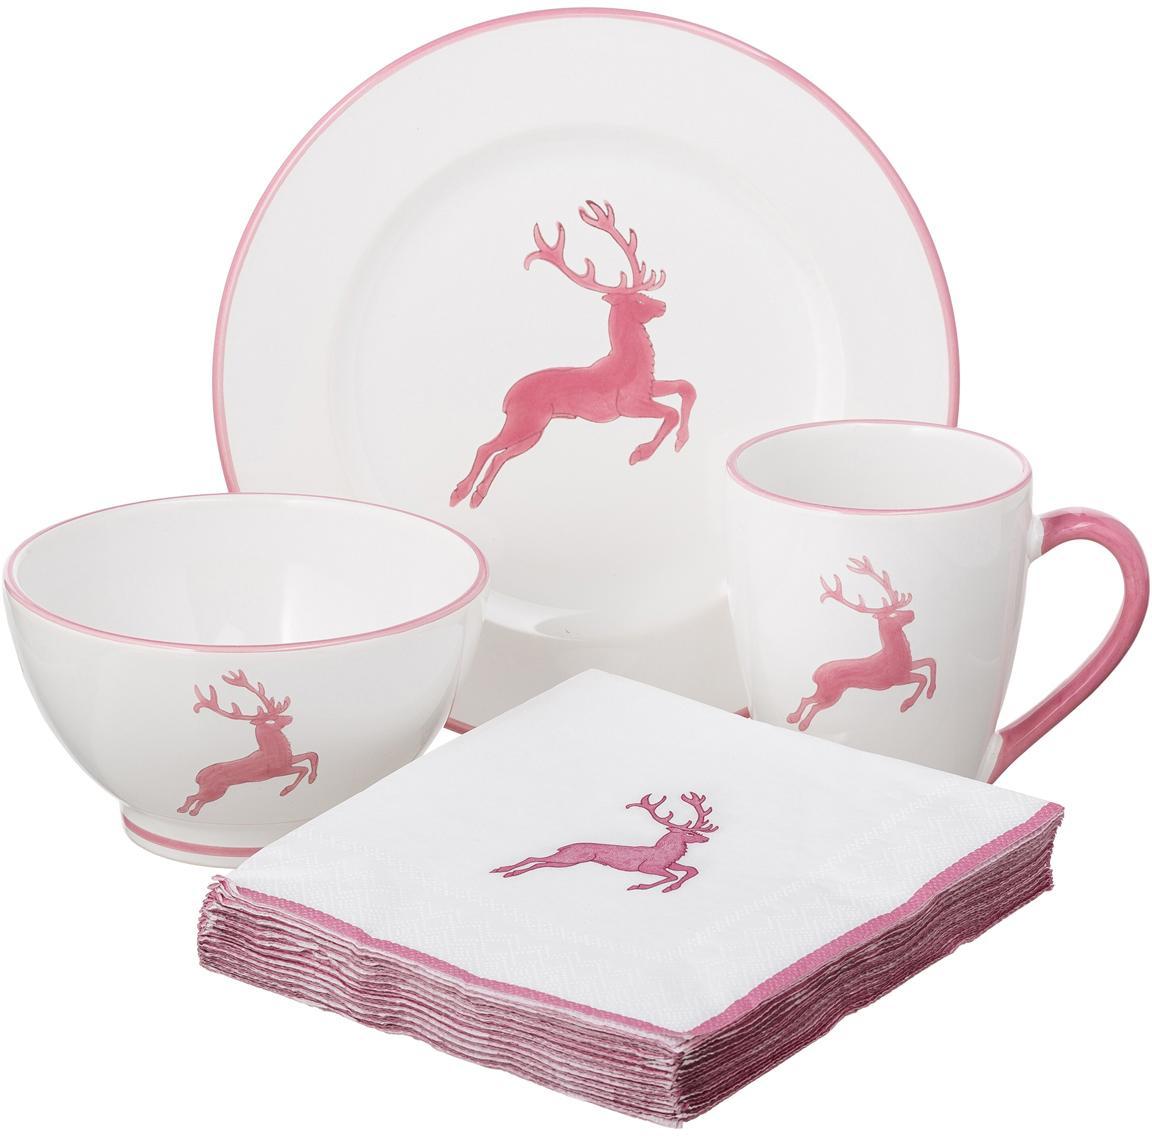 Ręcznie malowany serwis Rosa Gourmet Hirsch, 4 elem., Ceramika, Różowy, biały, Komplet z różnymi rozmiarami